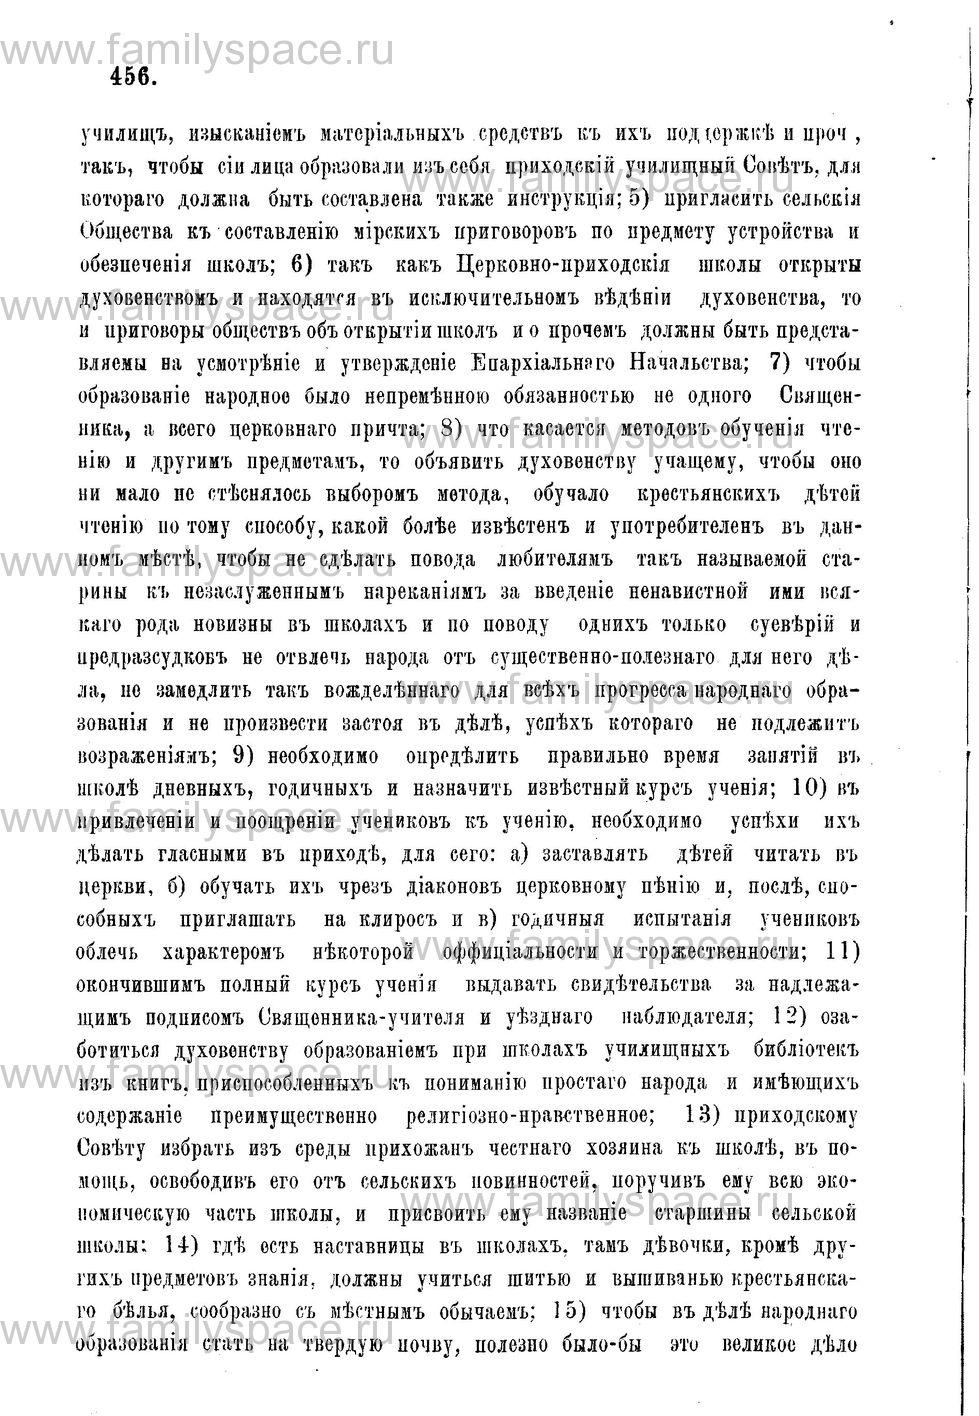 Поиск по фамилии - Адрес-календарь Нижегородской епархии на 1888 год, страница 1456